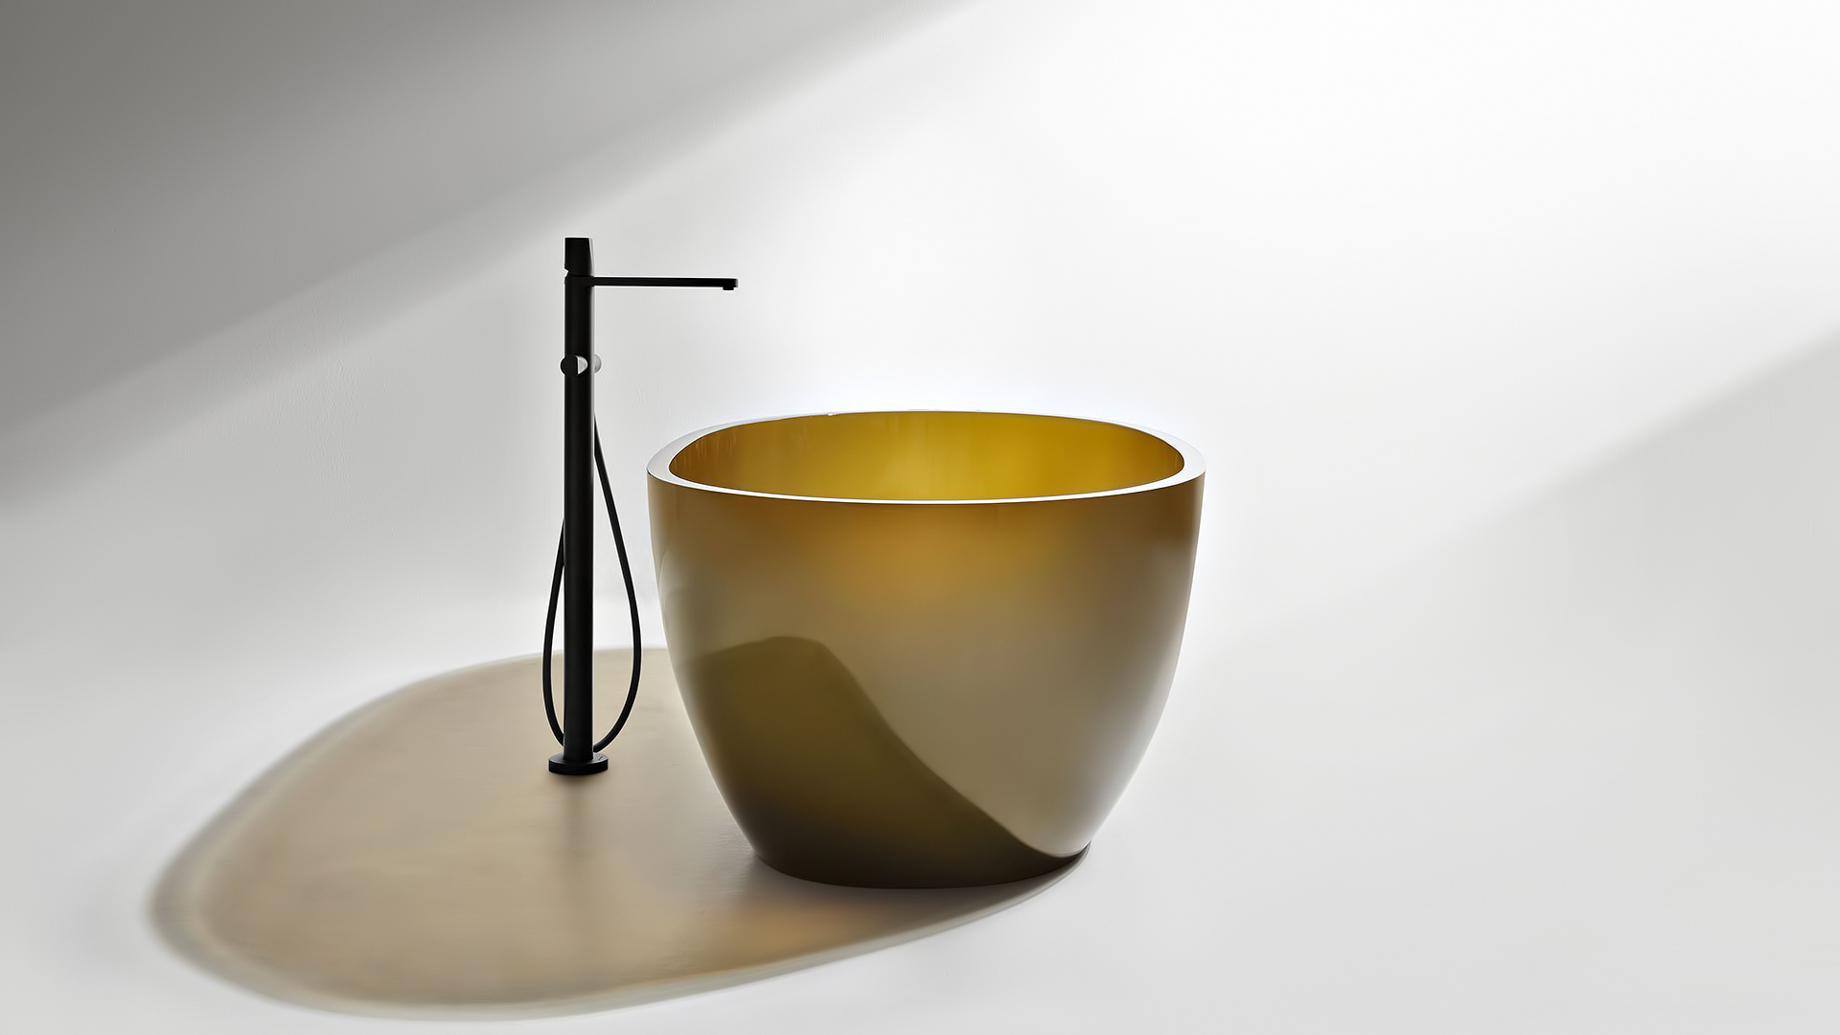 Transparent REFLEX Cristalmood Resin Luxury Bathtub by AL Studio - Gran Cru